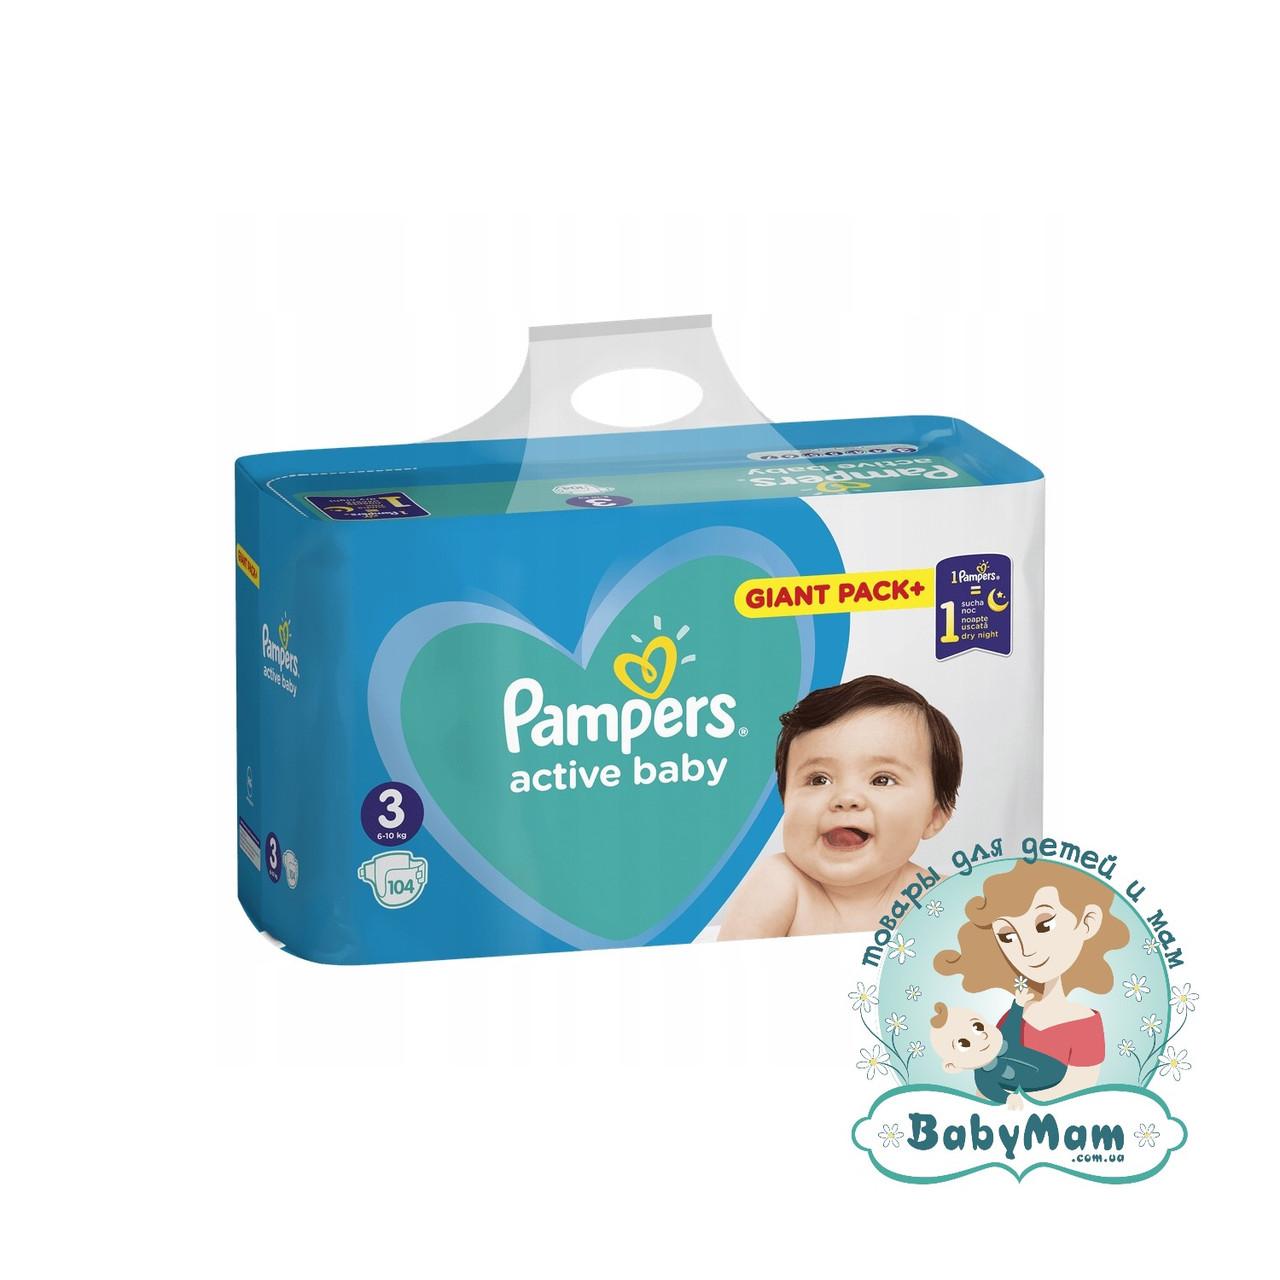 Подгузники Pampers Active Baby Размер 3 (6-10кг), 104 подгузника